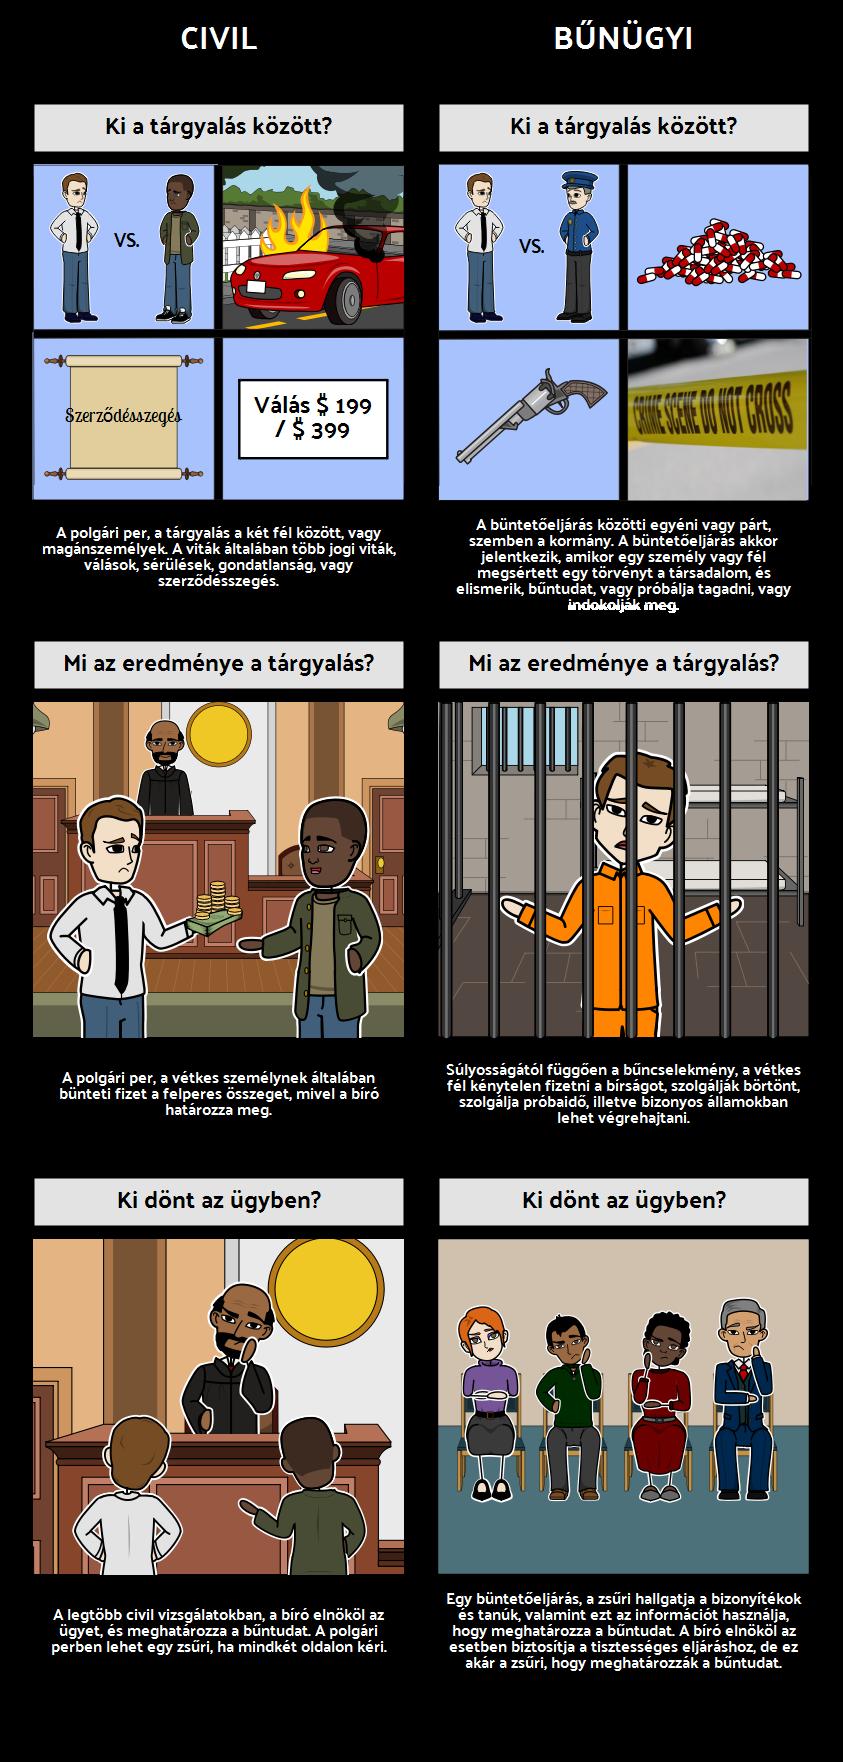 Civil vs. Büntetőeljárások